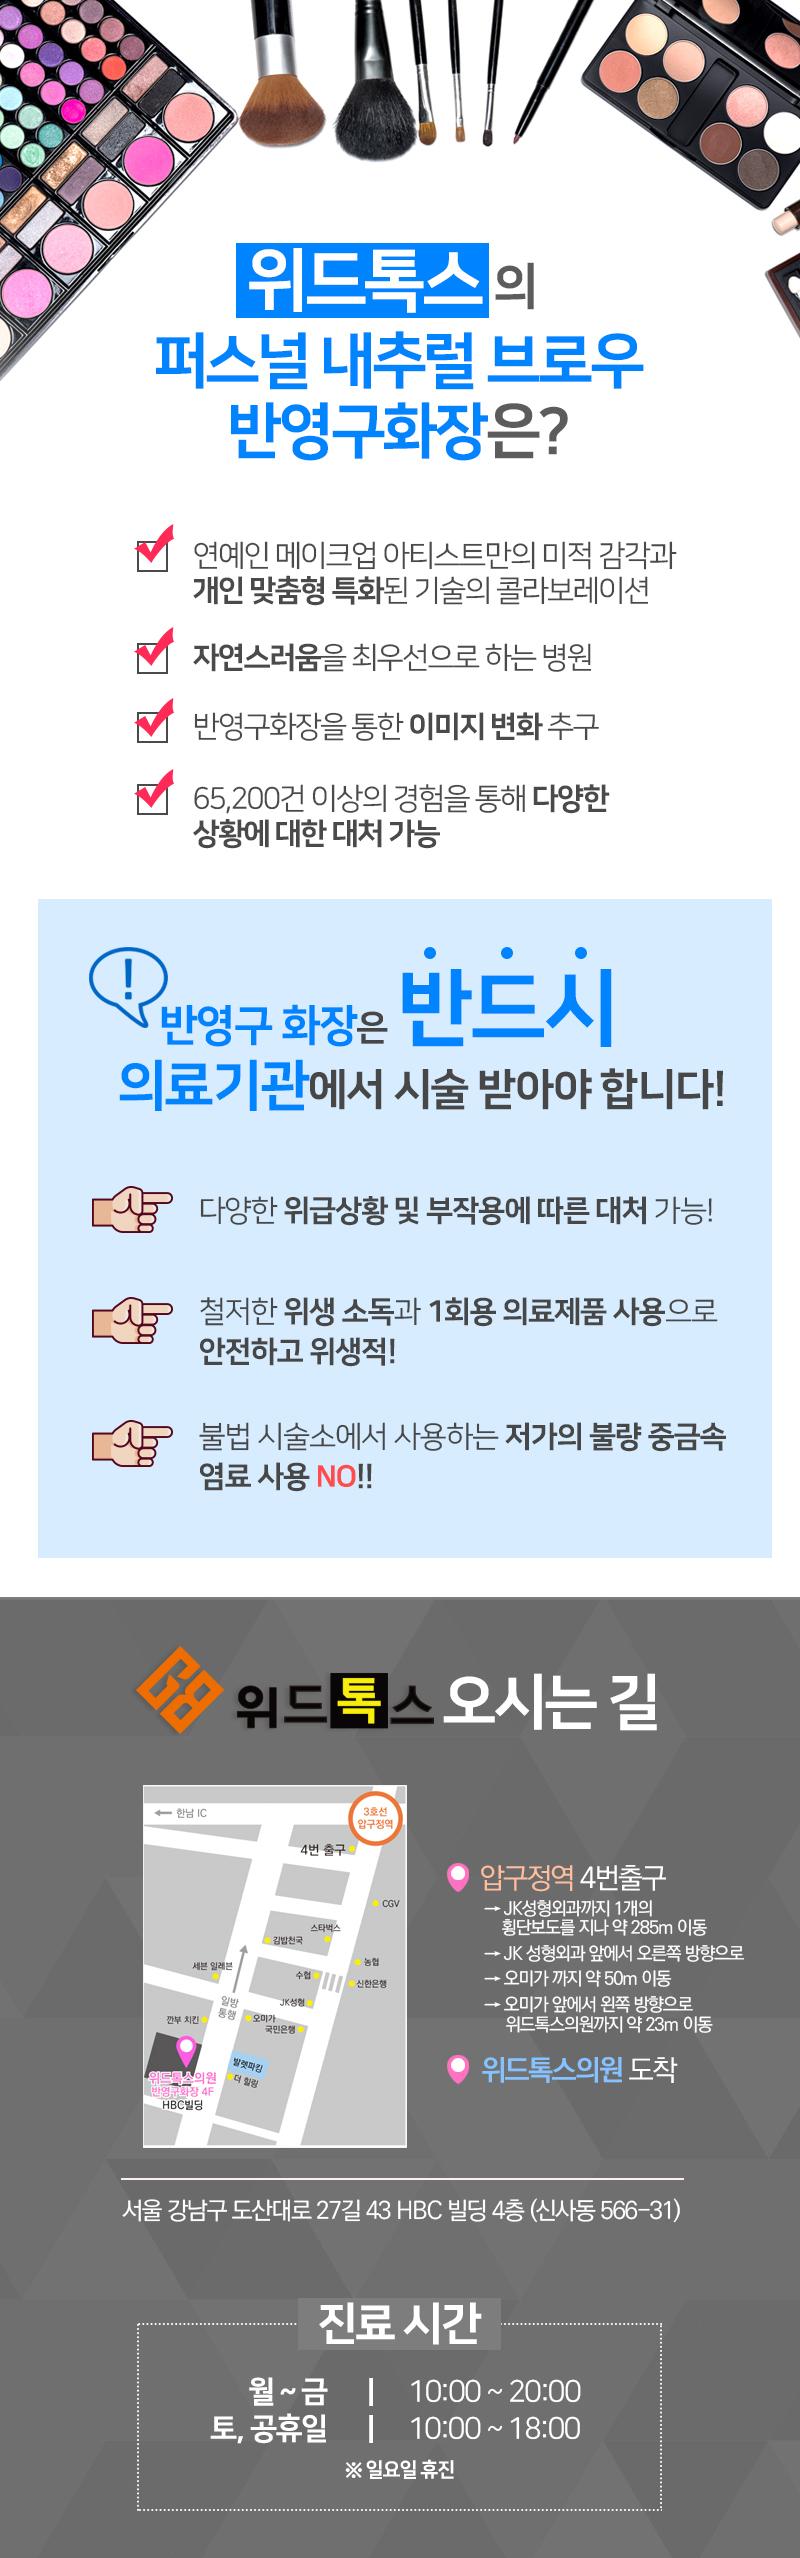 D event info 040dc200fffcf512ba